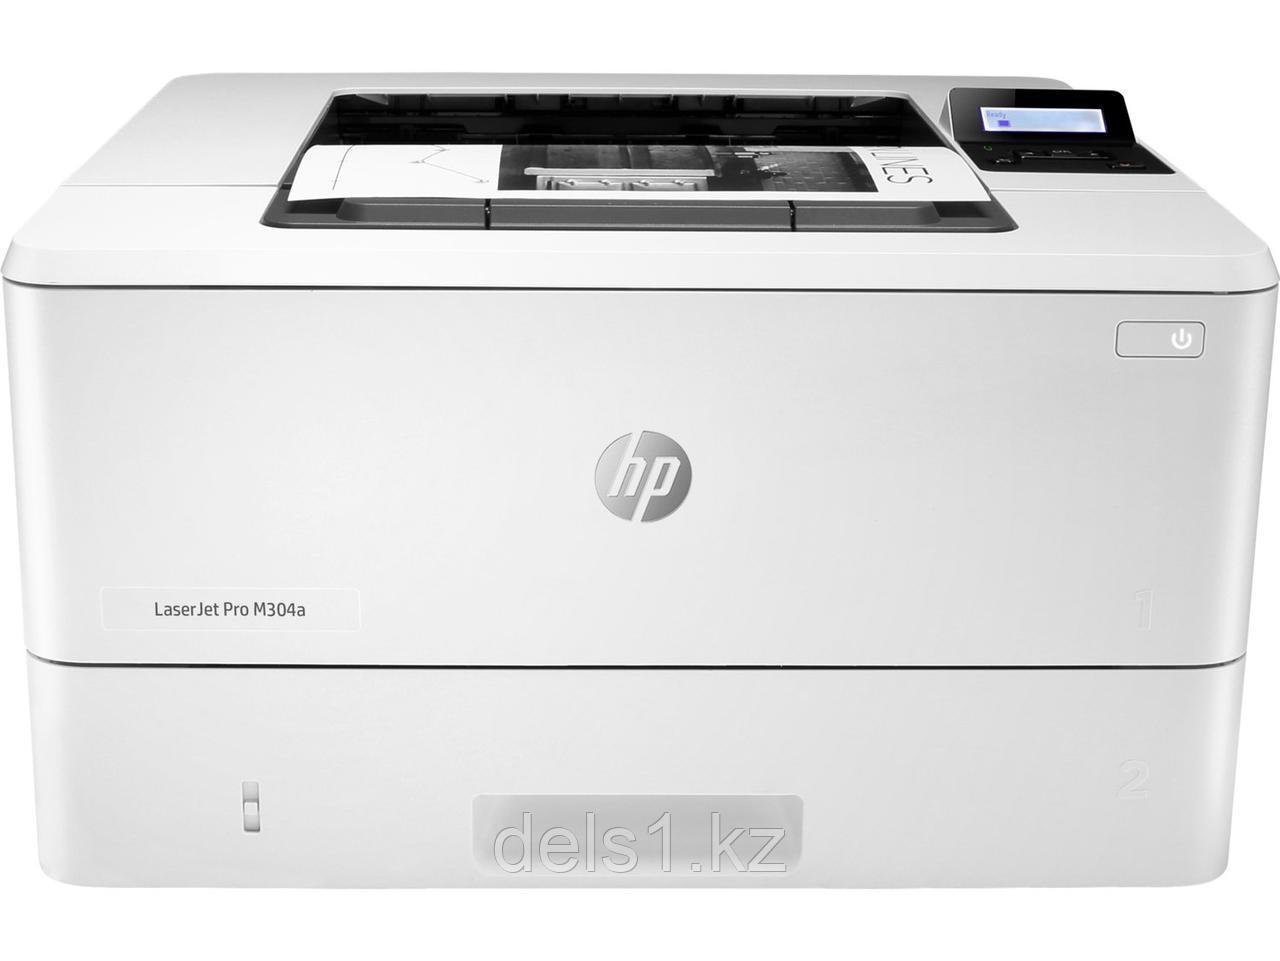 Лазерный принтер  HP LaserJet Pro M304a для черно-белой печати